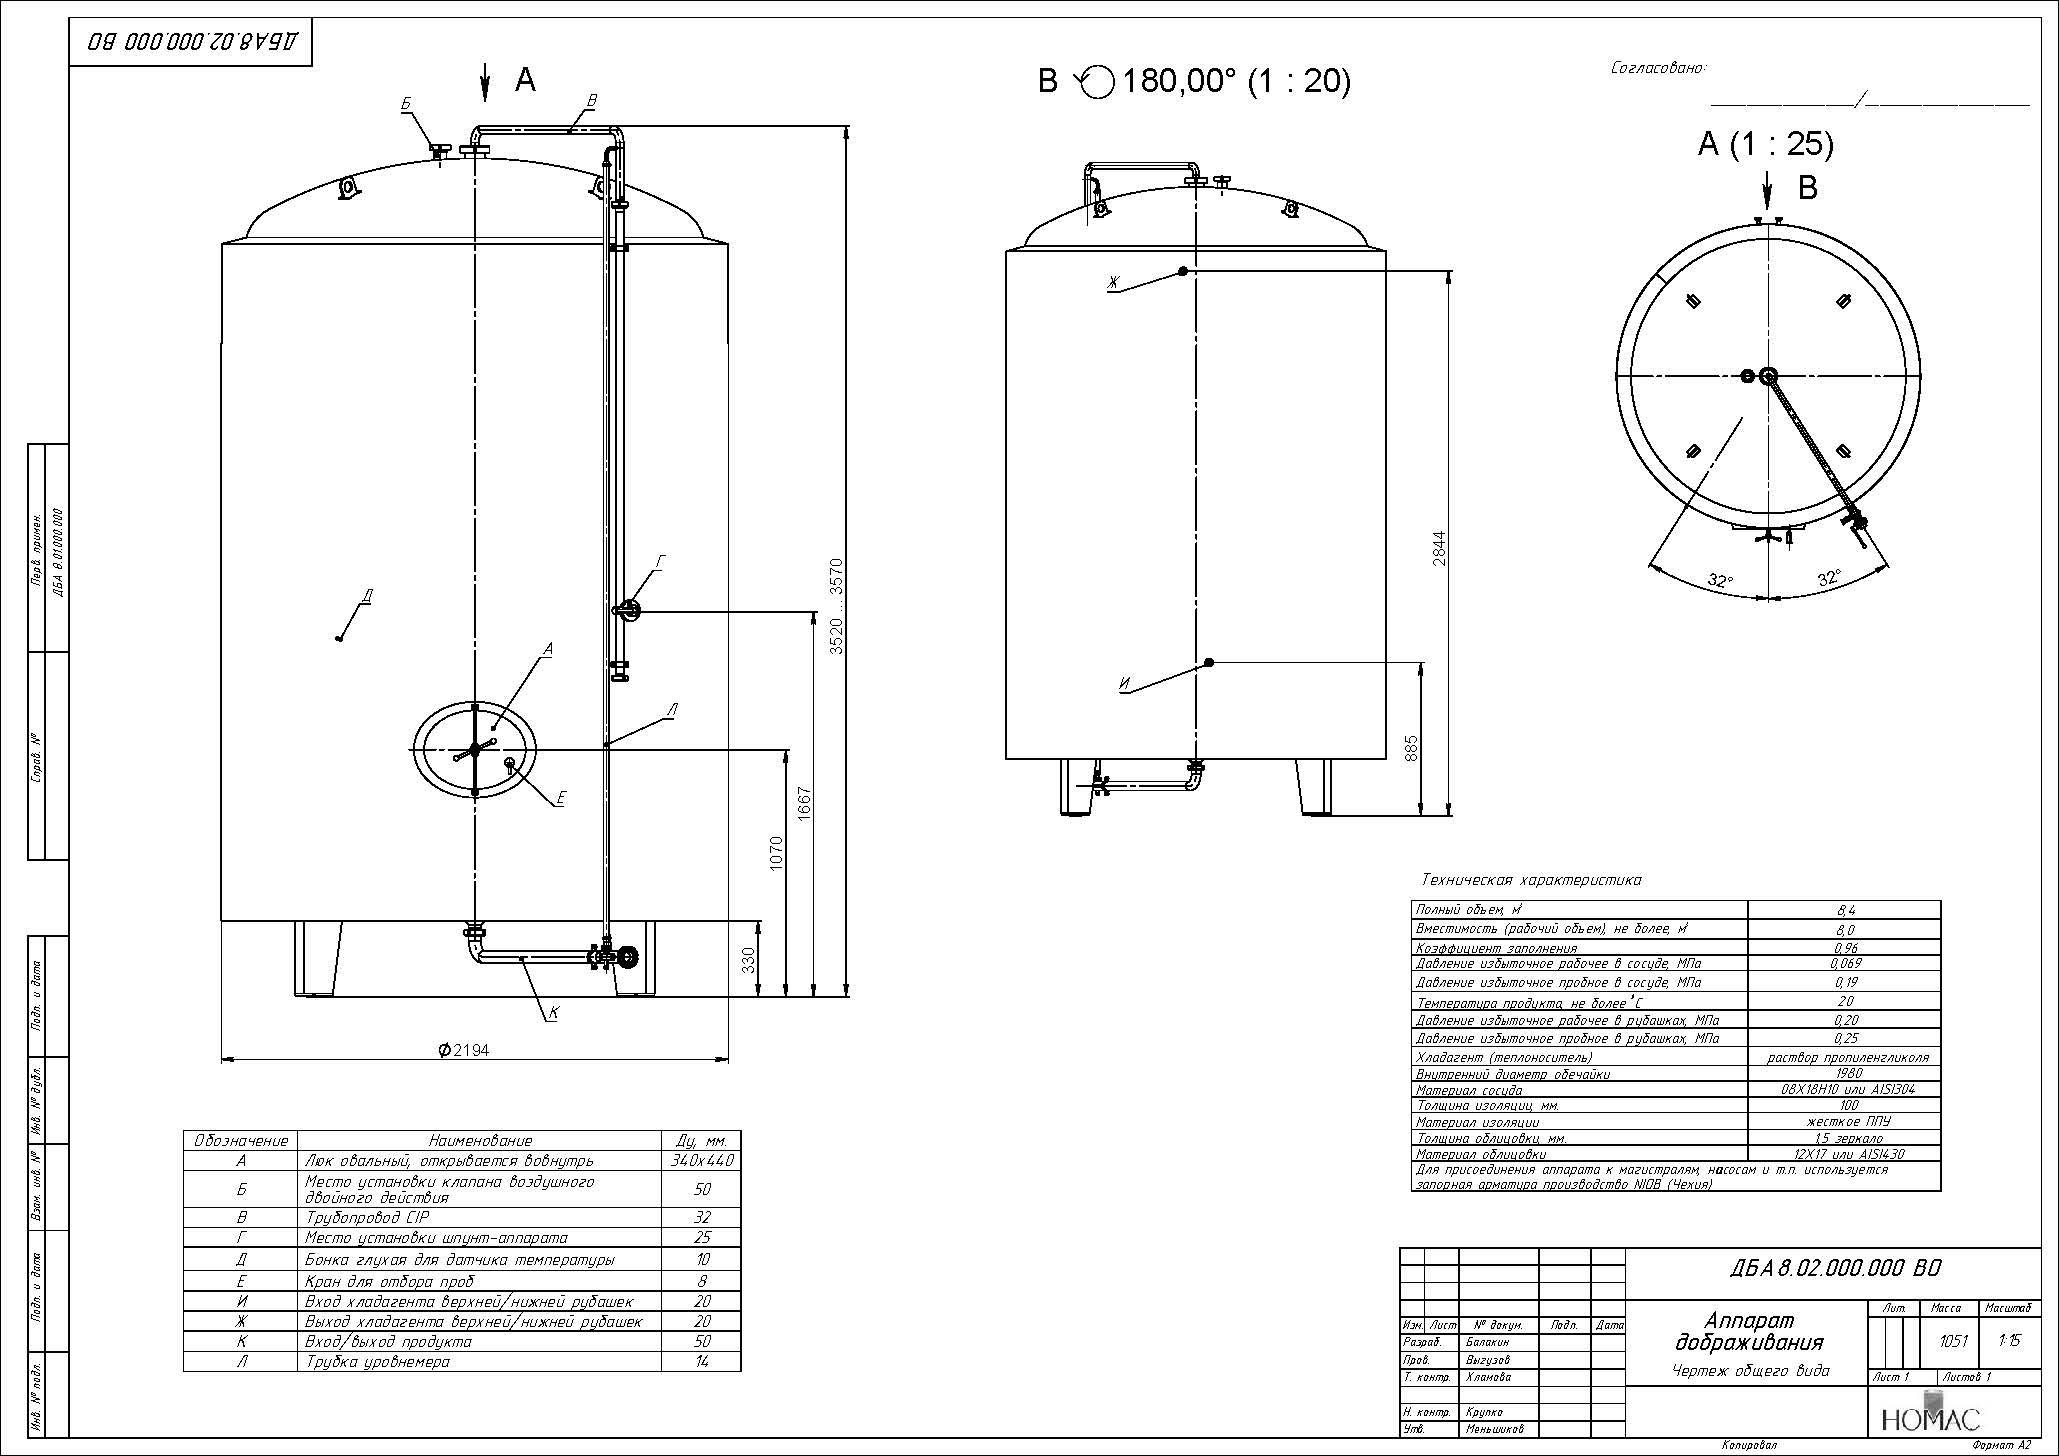 Аппарат дображивания ДБА 8,0 м³ - купить у производителя